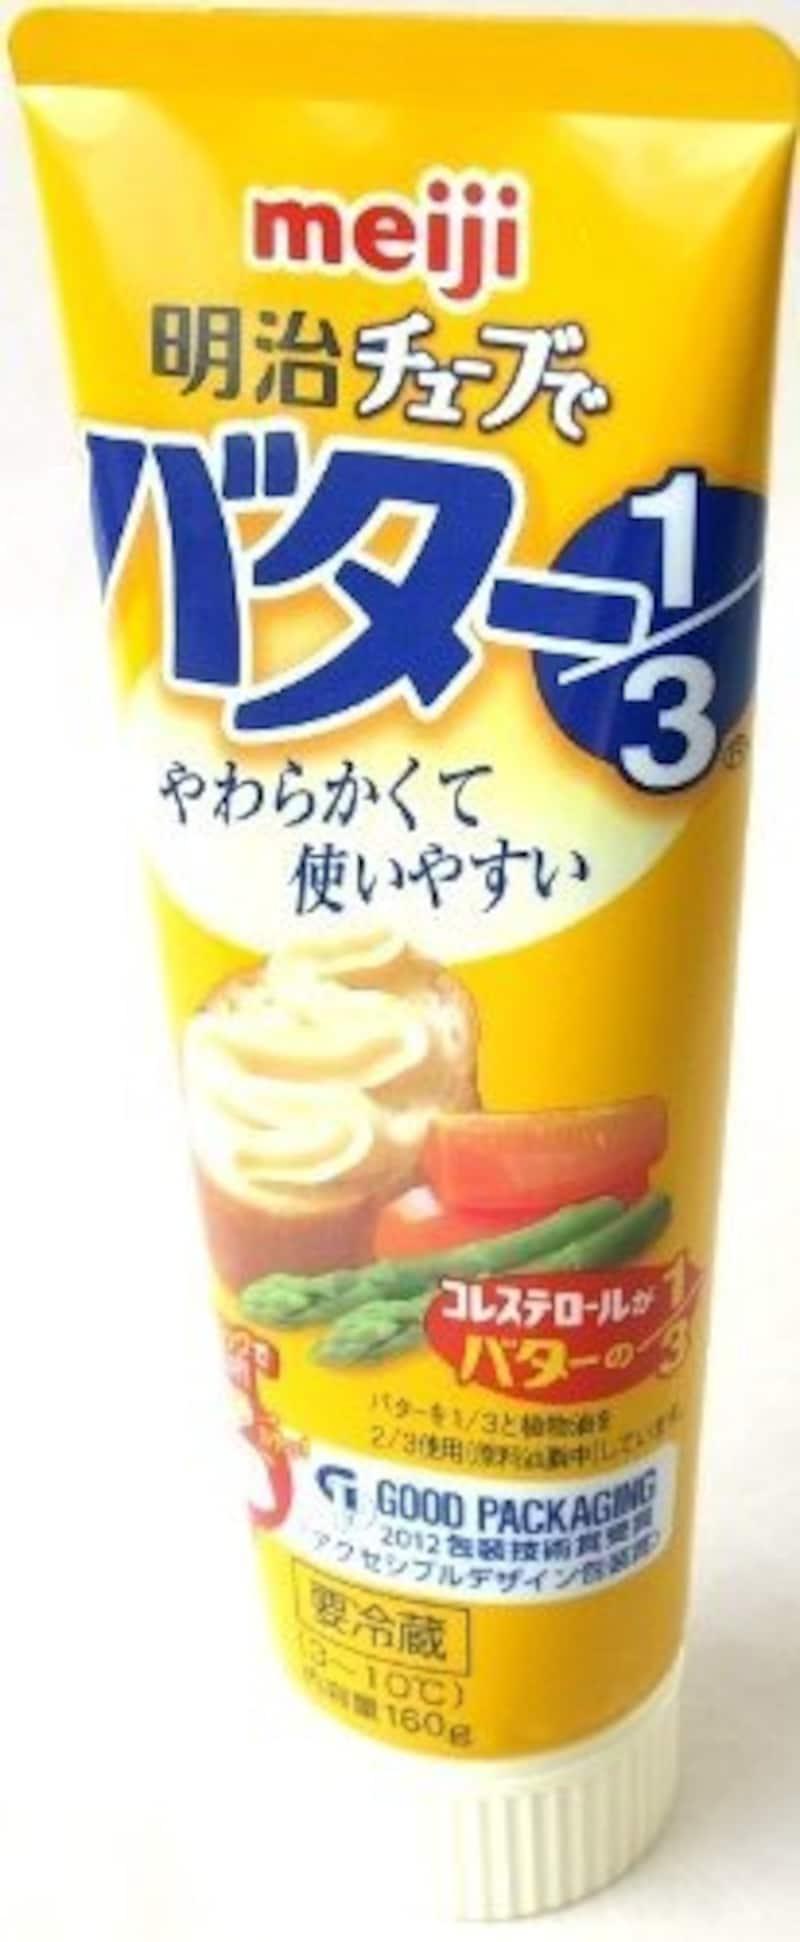 明治乳業,チューブでバター1/3   3本セット